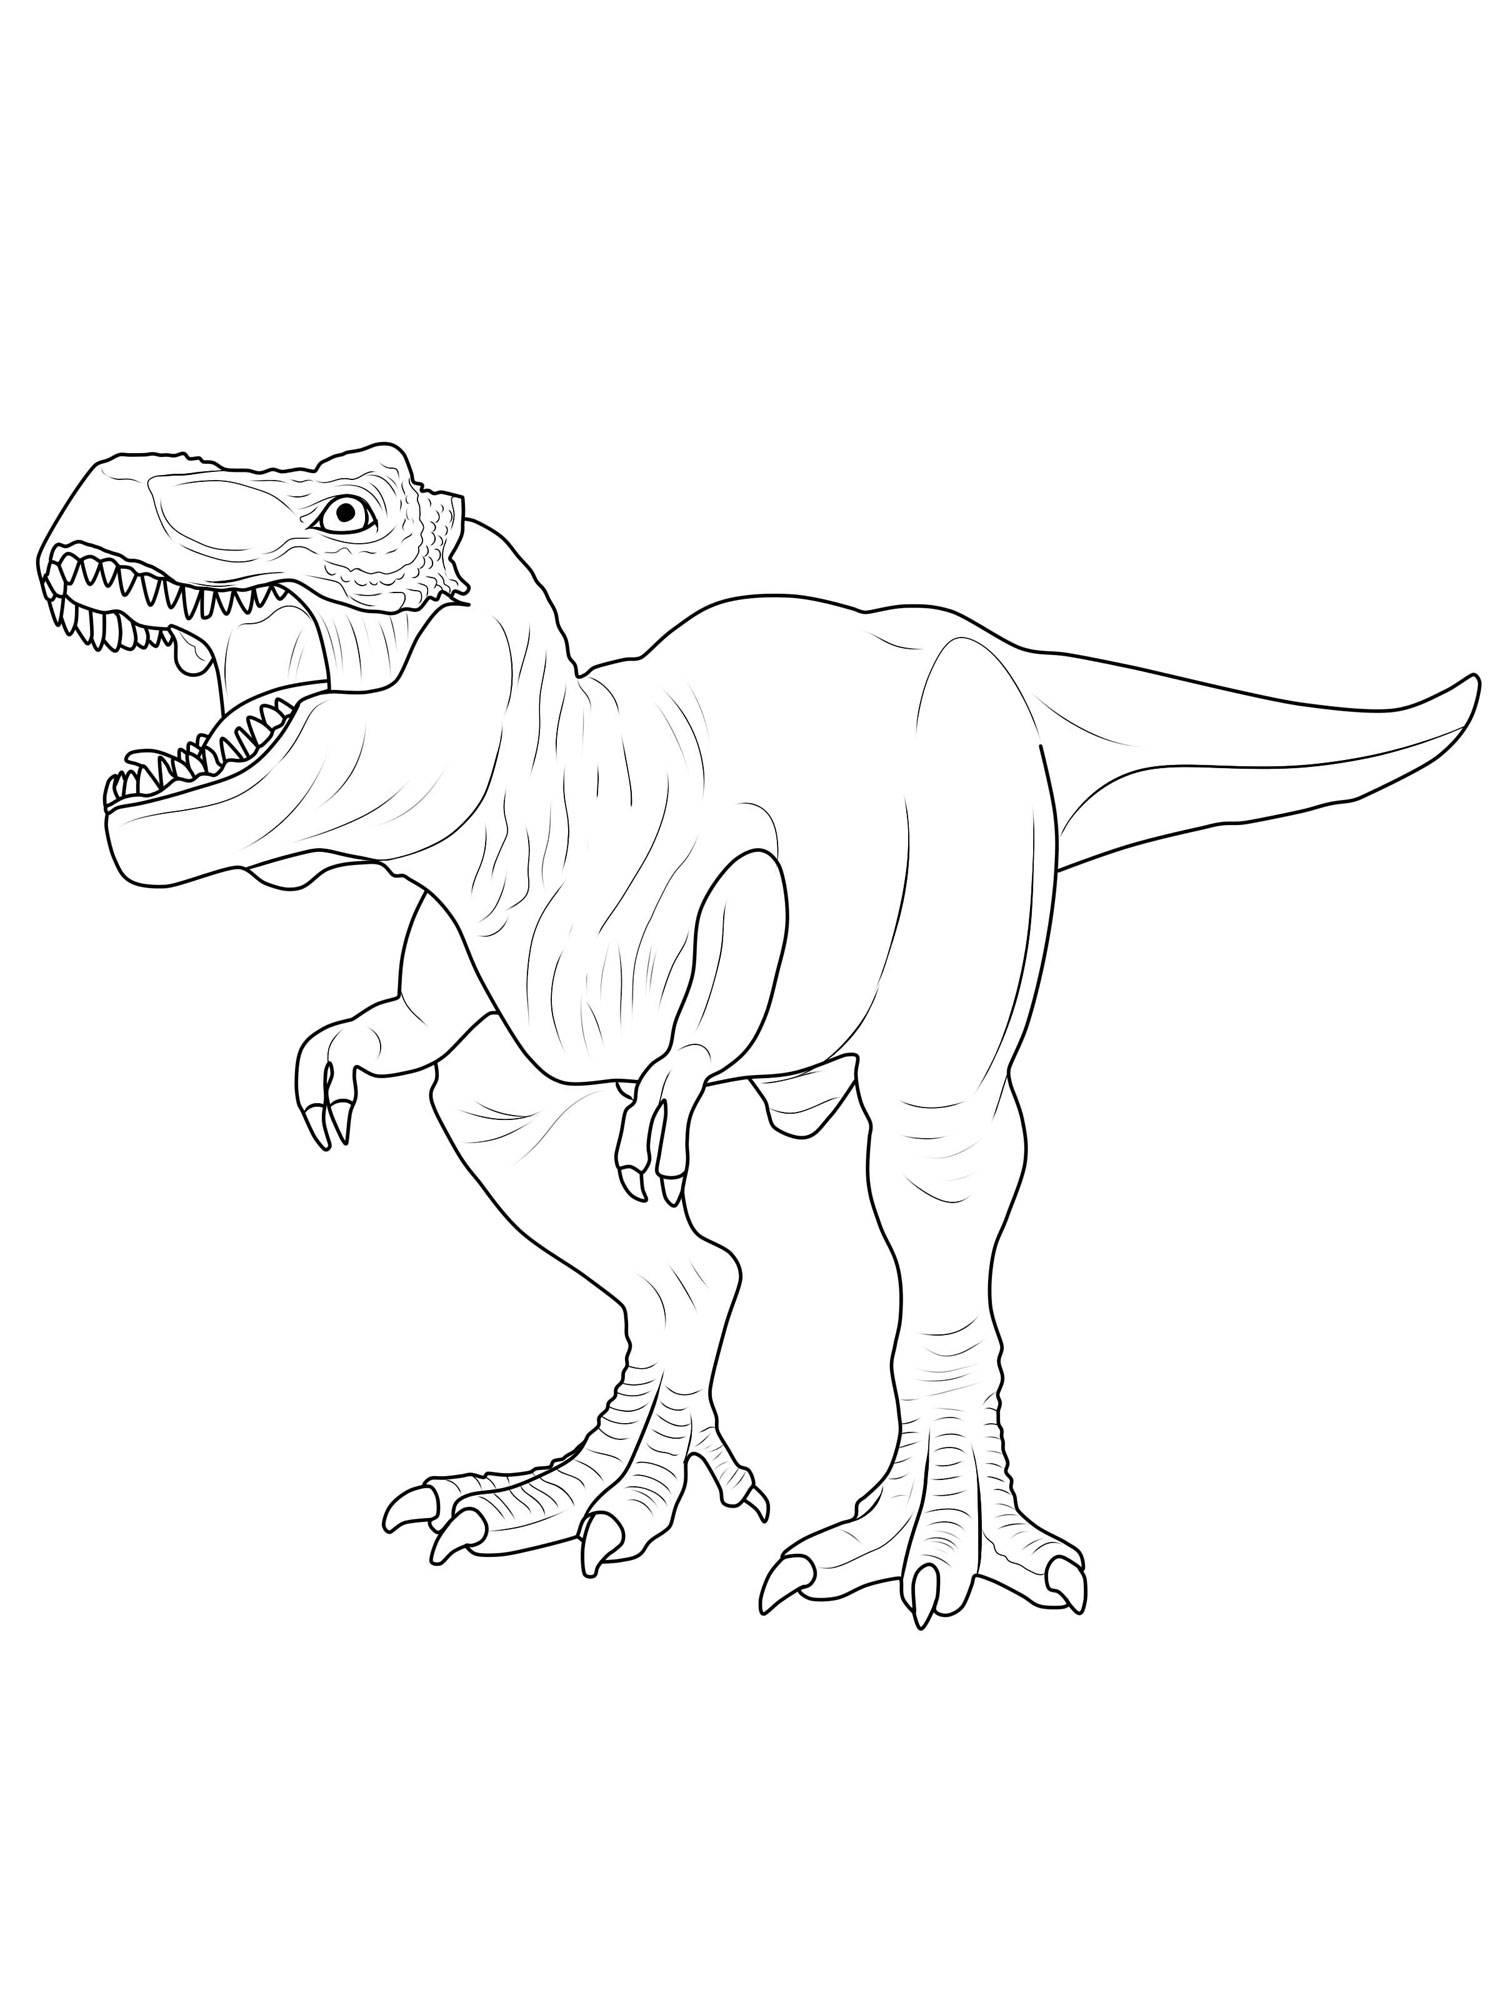 Ausmalbild Dinosaurier Und Steinzeit: Dinosaurier Ausmalen mit Dino Ausmalbild